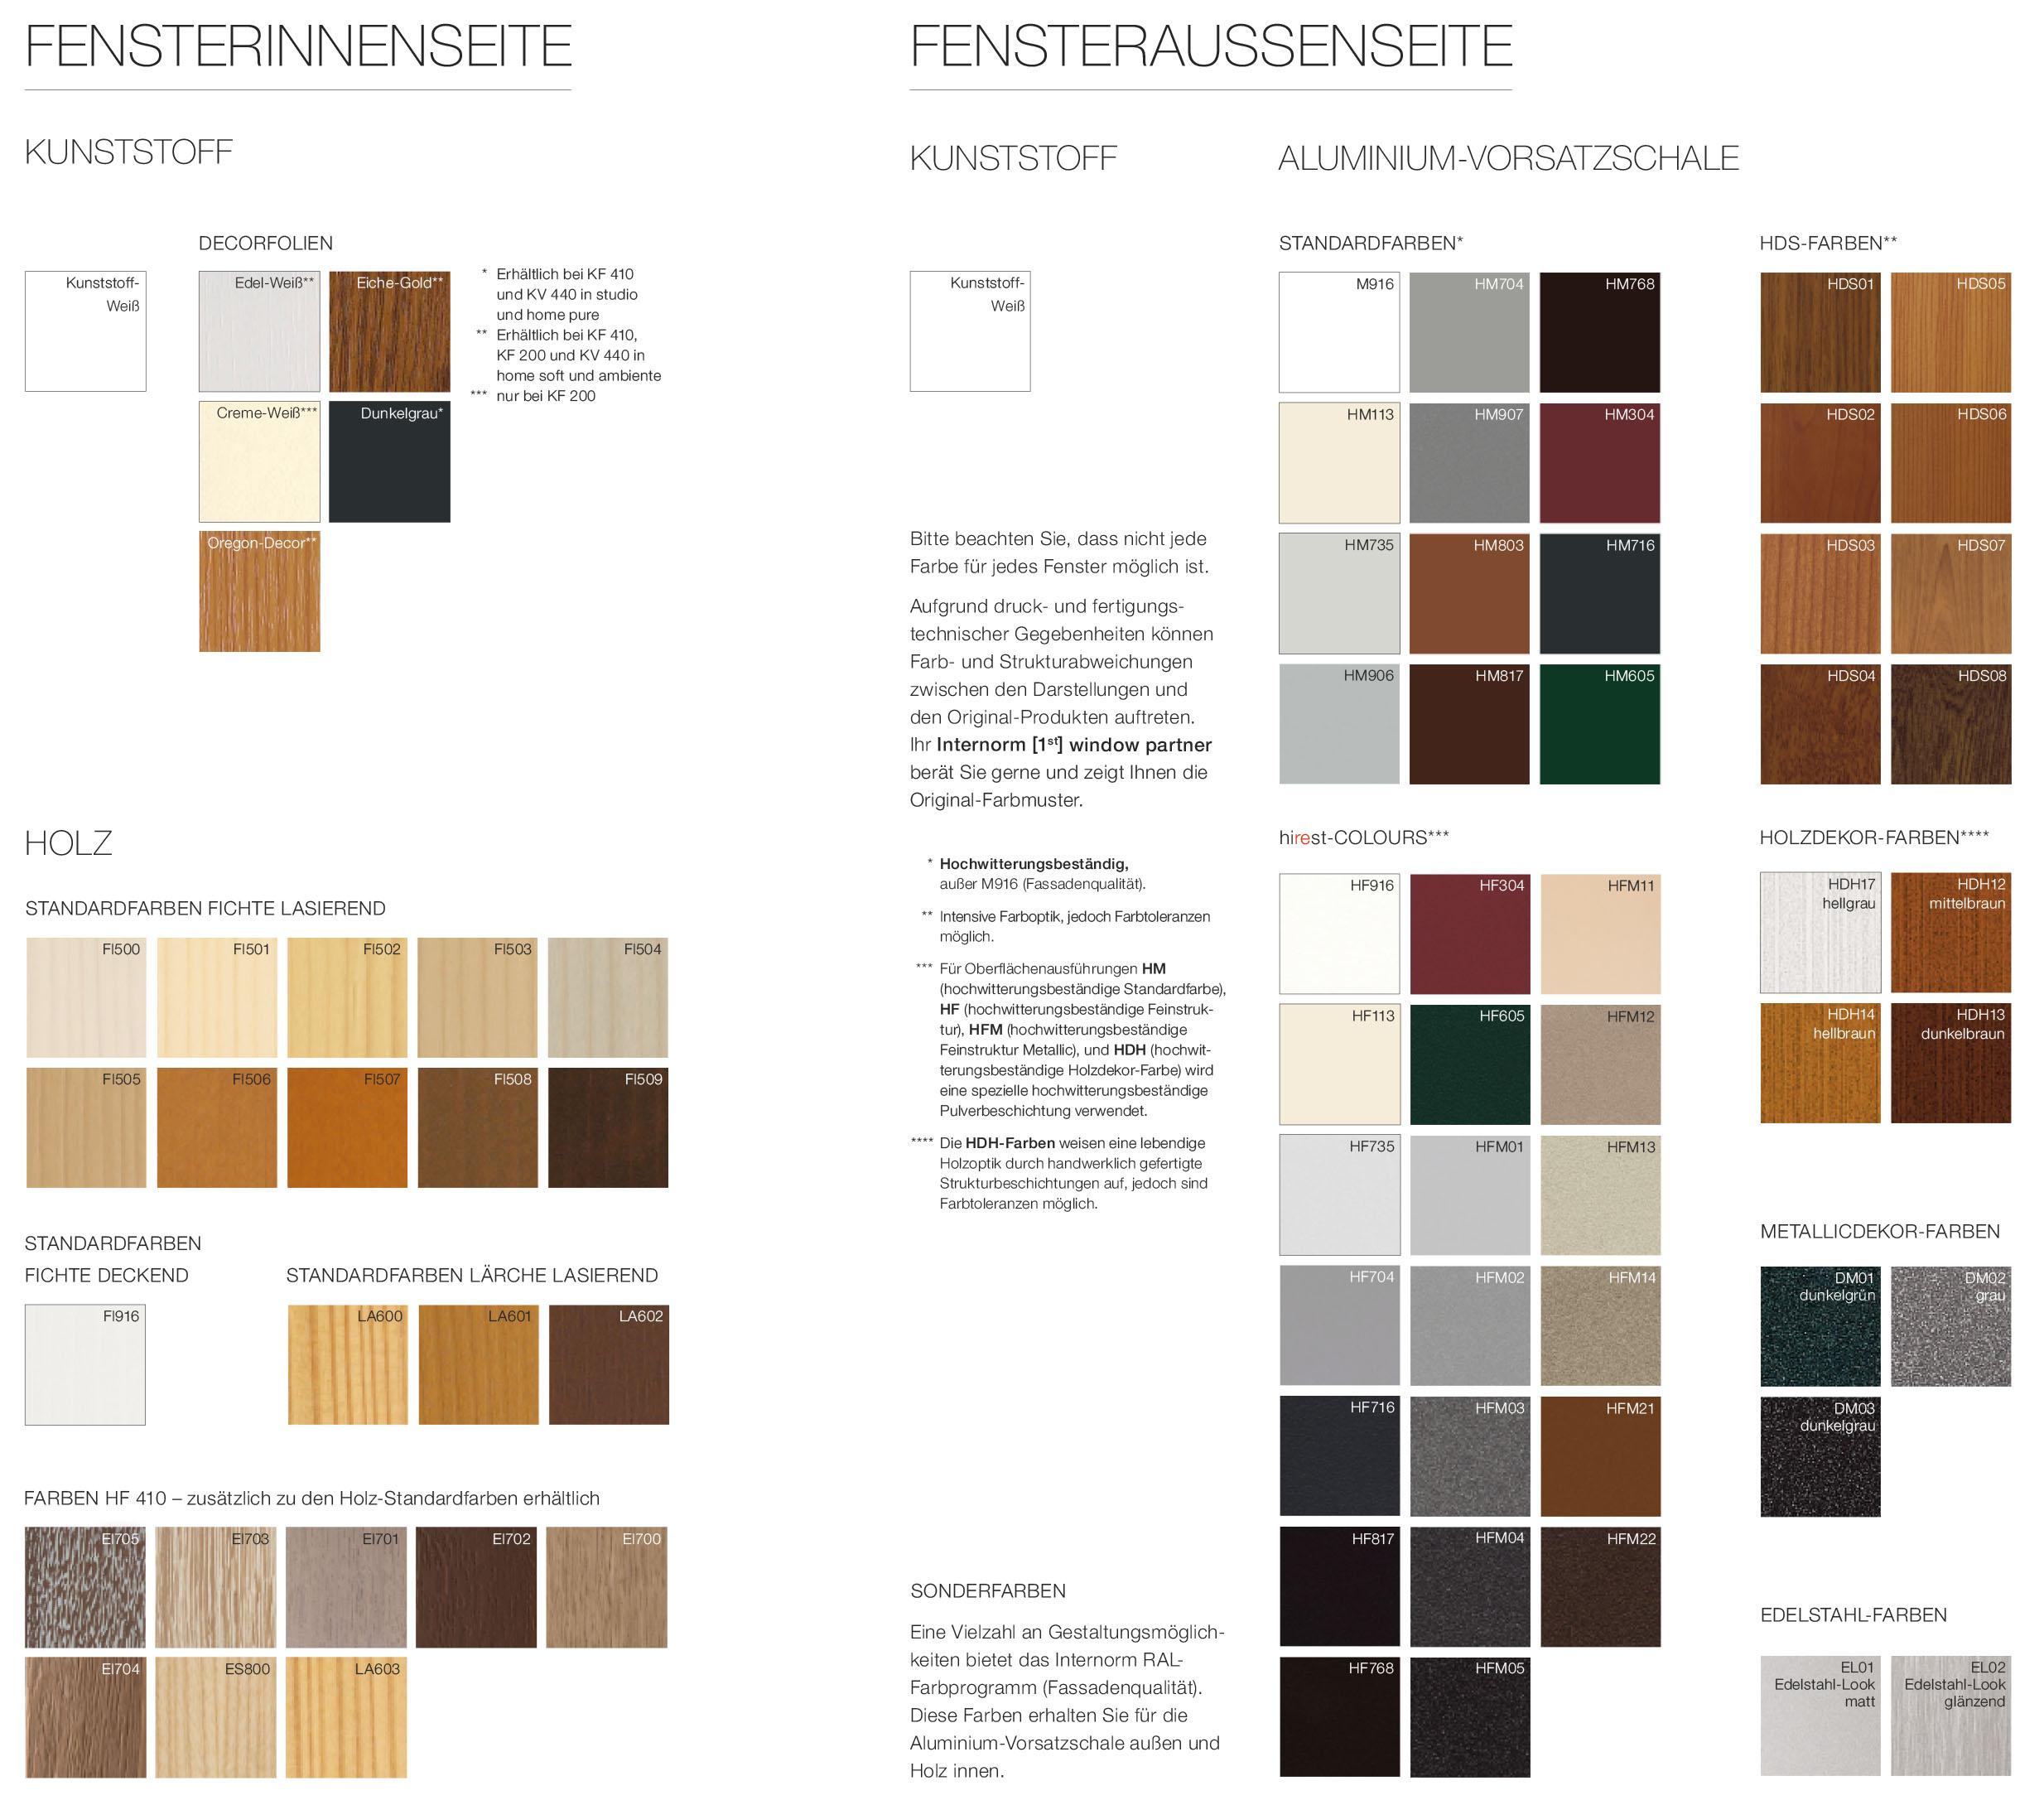 Fenster Farben.Wima Fenster Türen Oberflächen Und Farben